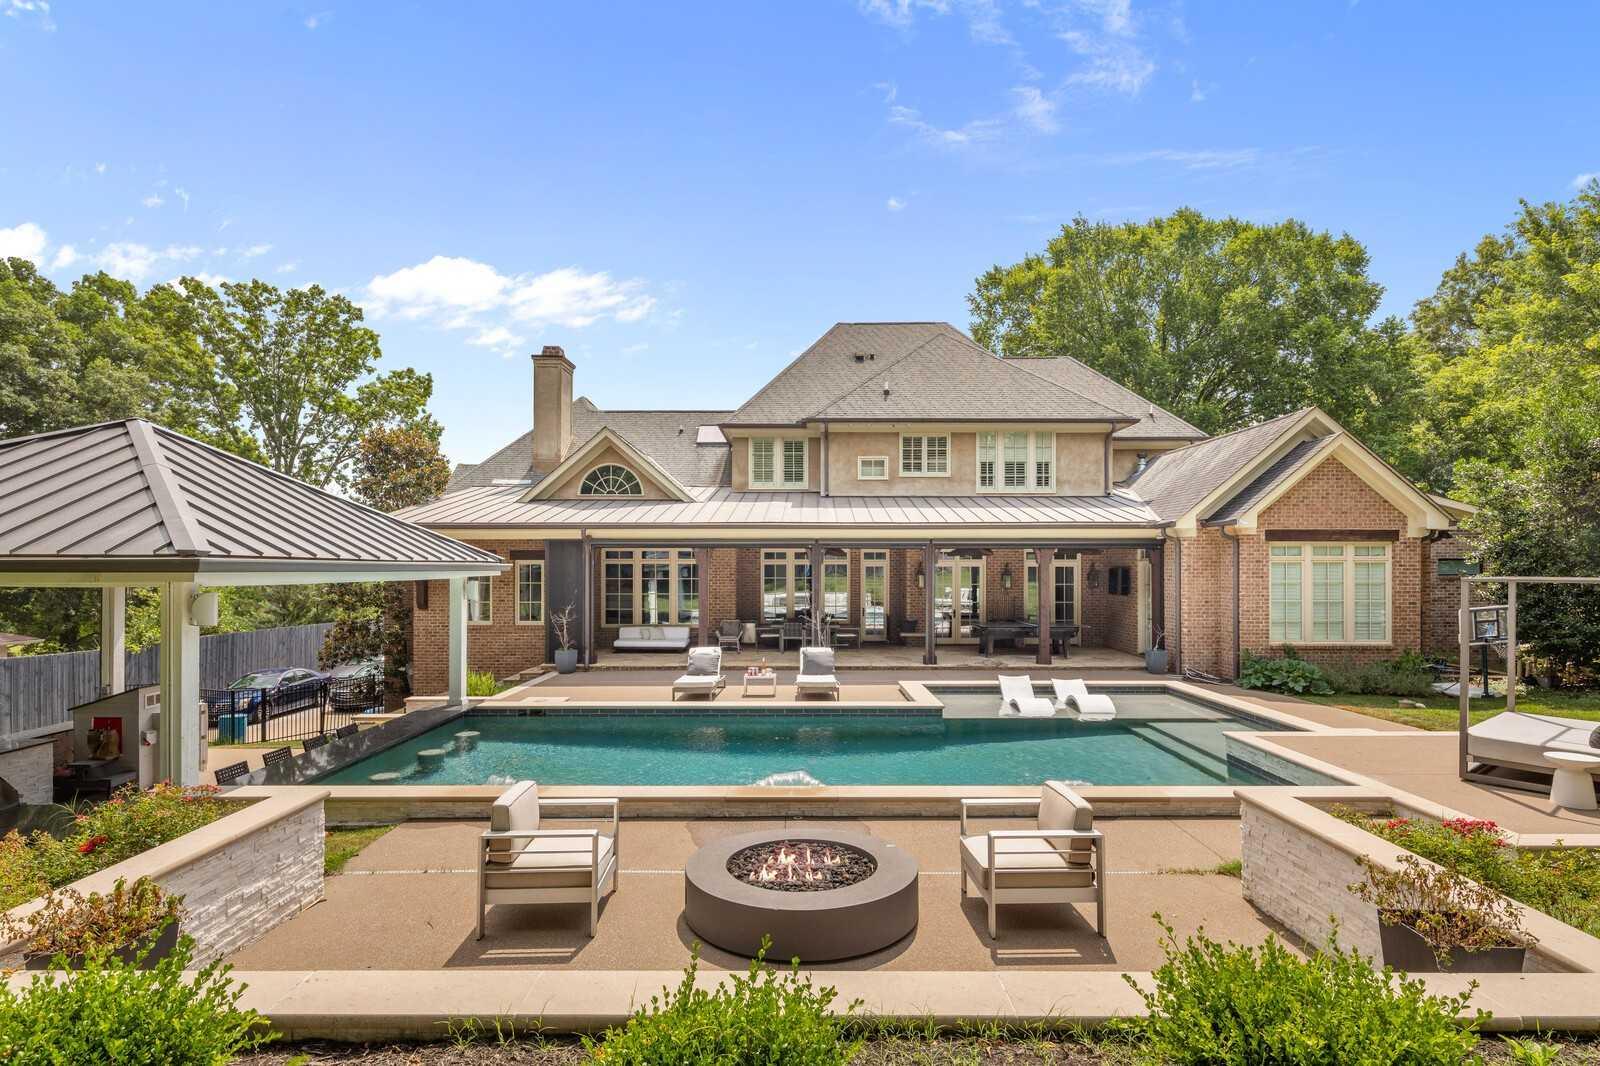 $3,800,000 - 5Br/8Ba -  for Sale in West Meade, Nashville